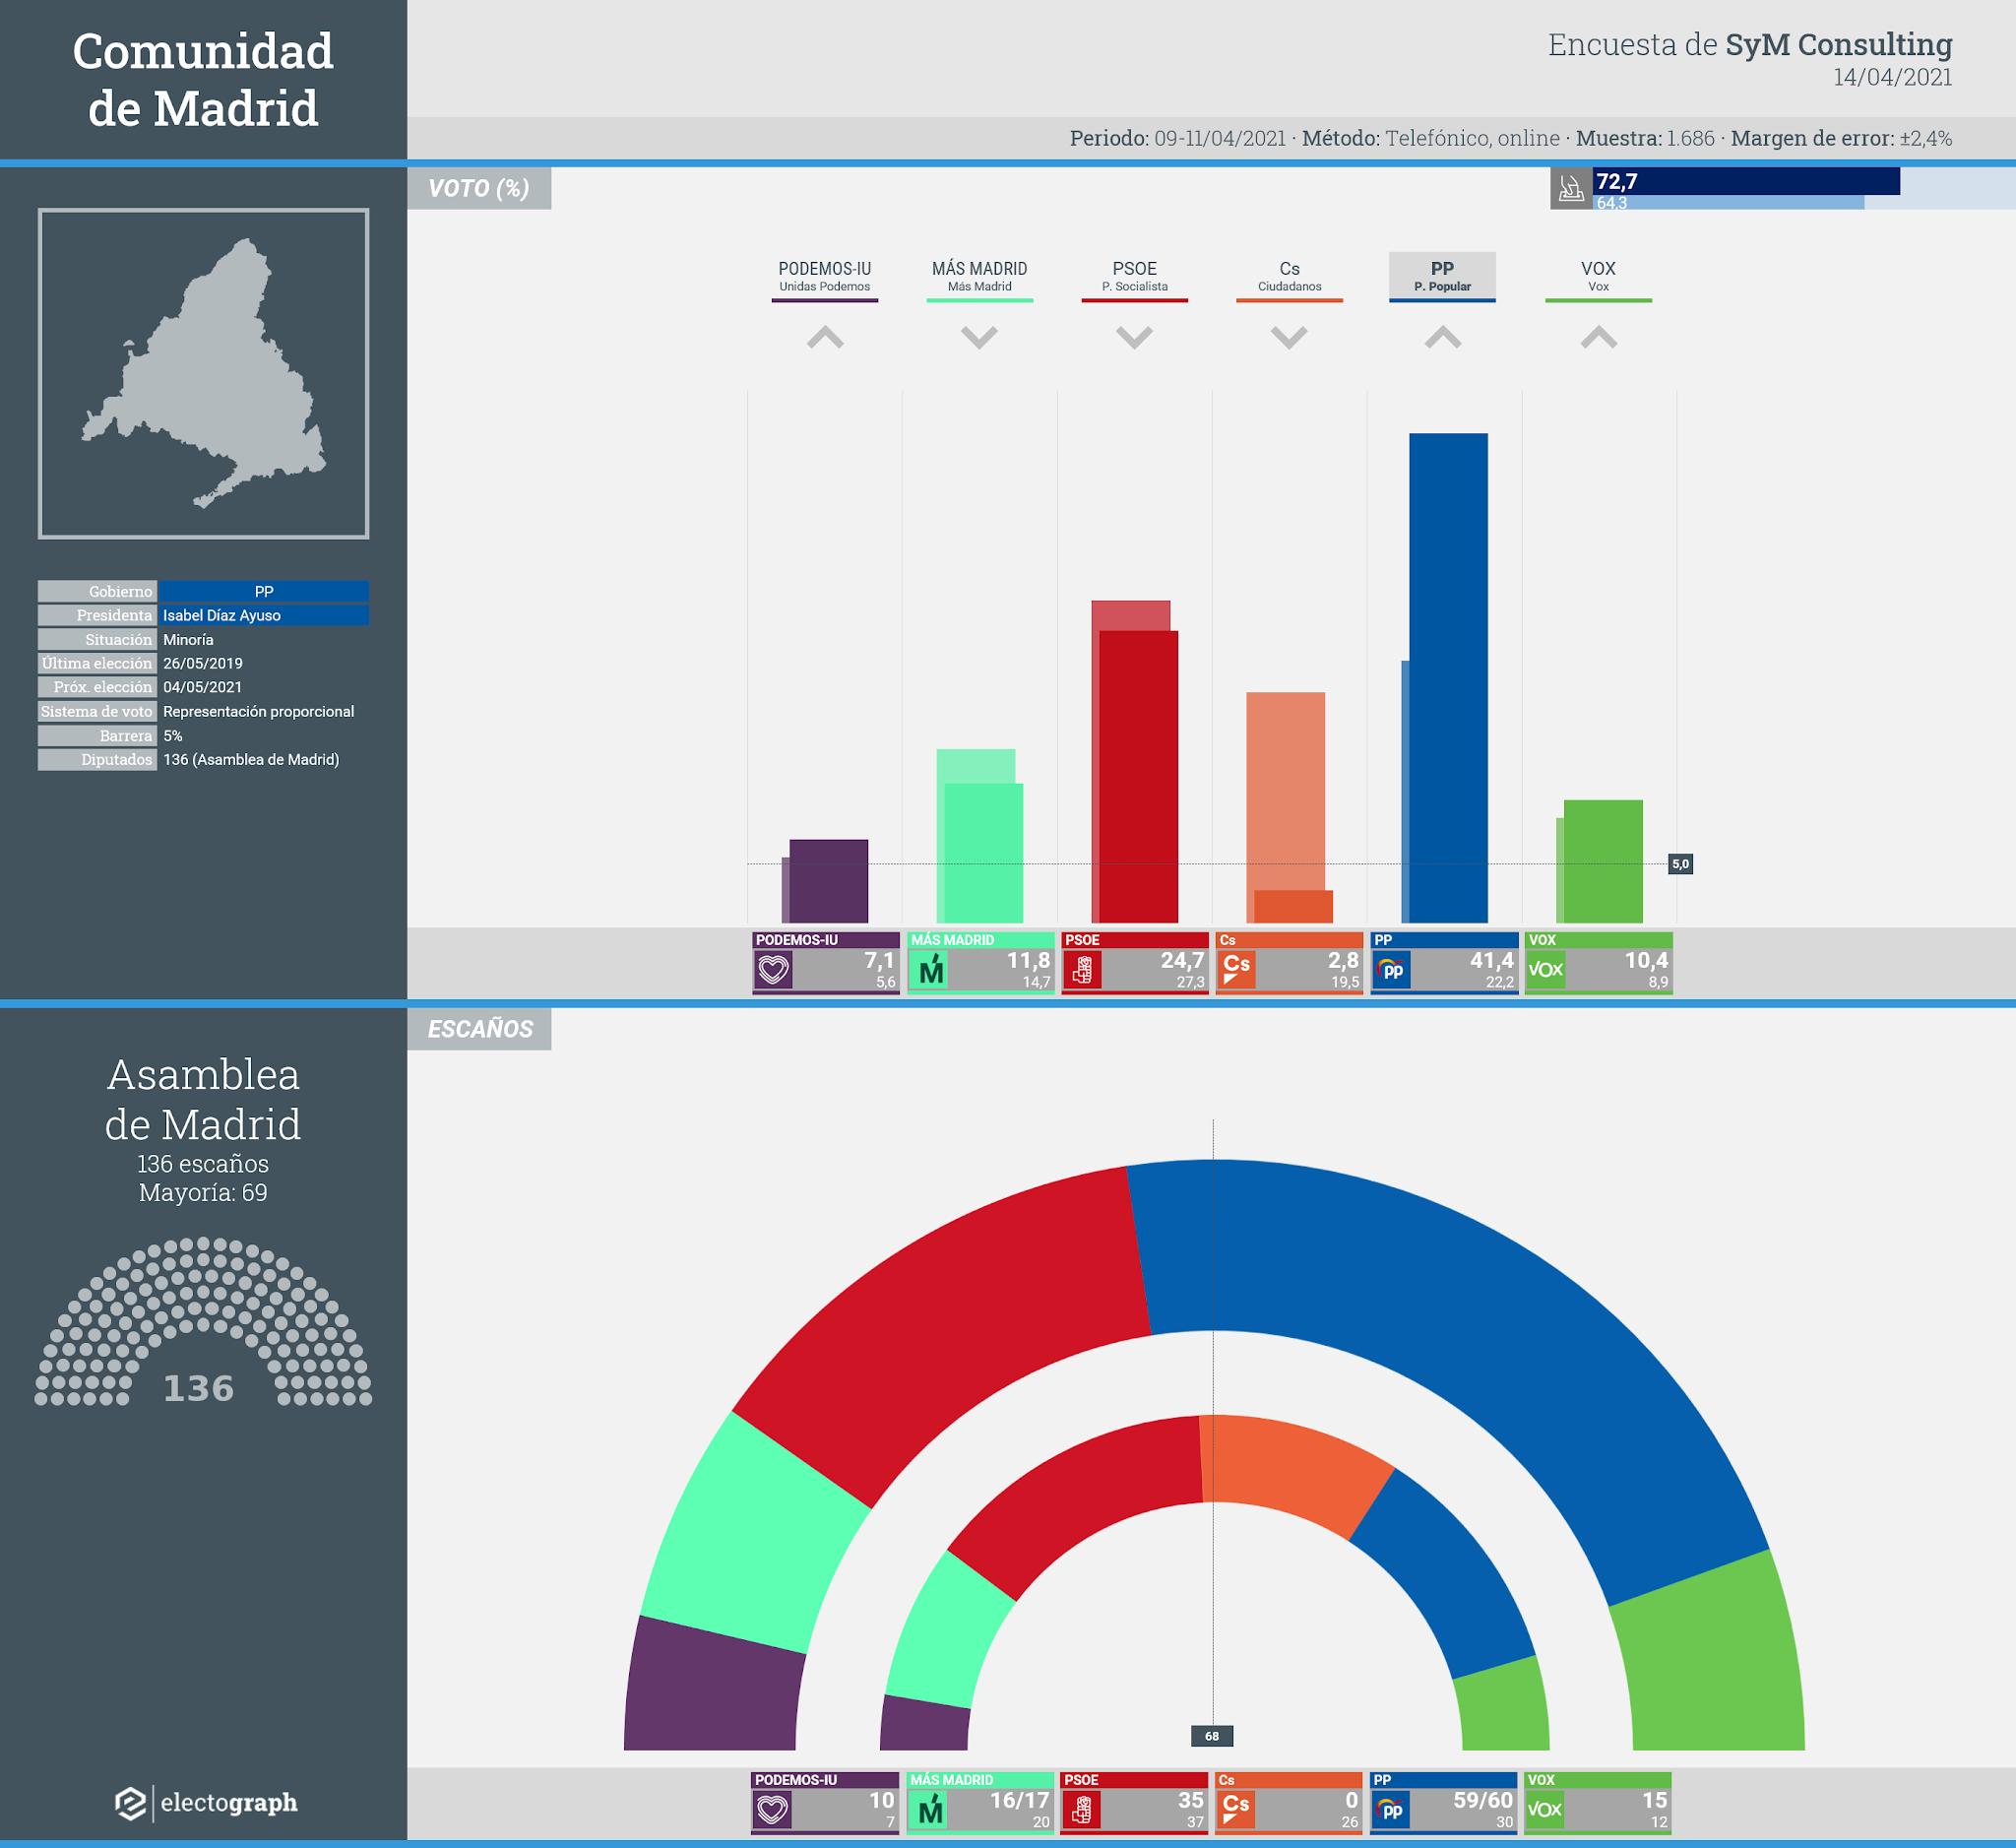 Gráfico de la encuesta para elecciones autonómicas en la Comunidad de Madrid realizada por SyM Consulting, 14 de abril de 2021